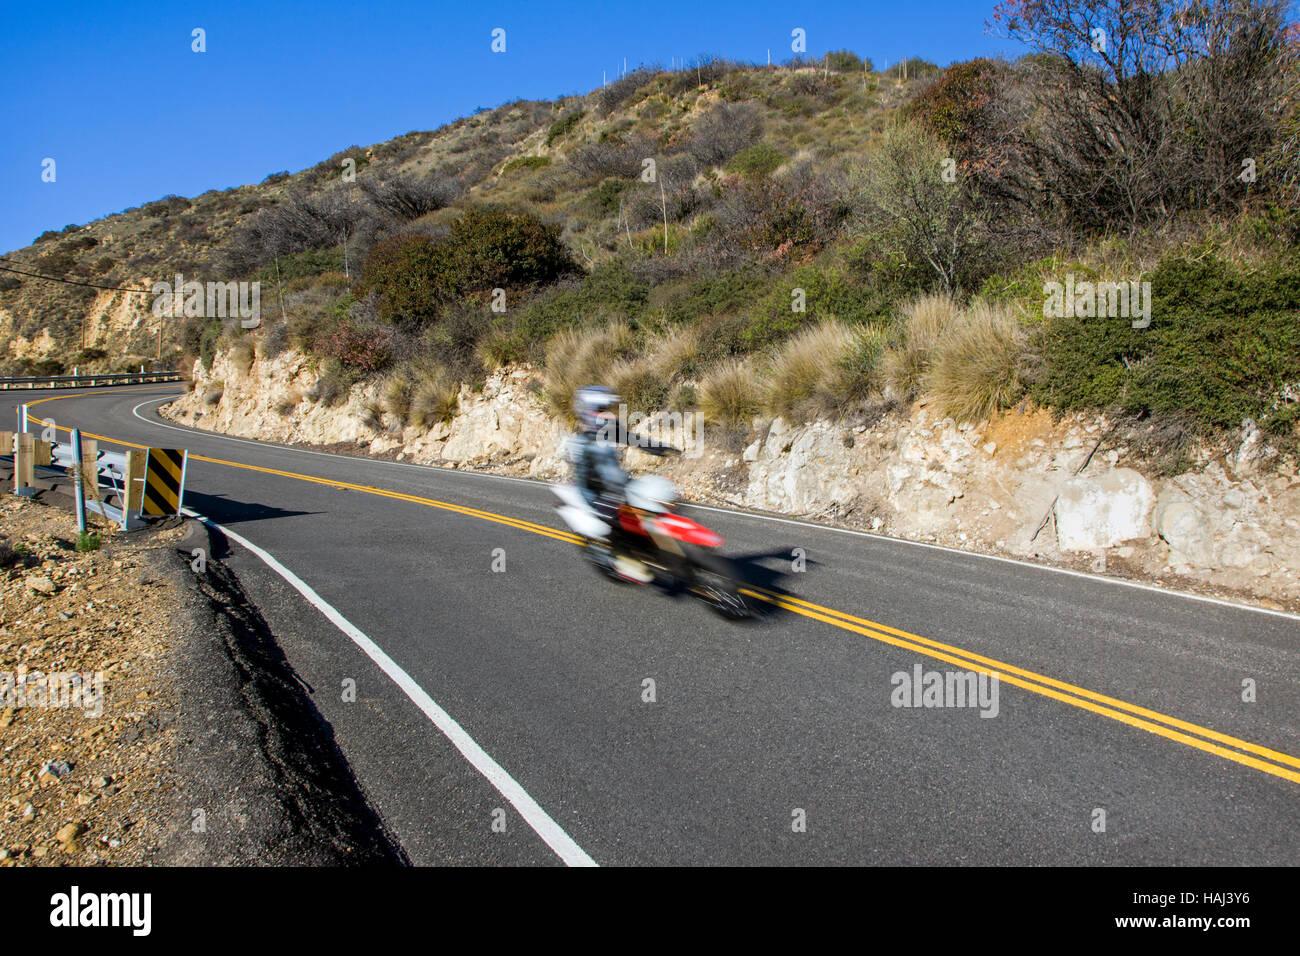 Flou d'action d'un pilote moto sur une route près de Rt. 1 et Malibu, Californie, USA Photo Stock